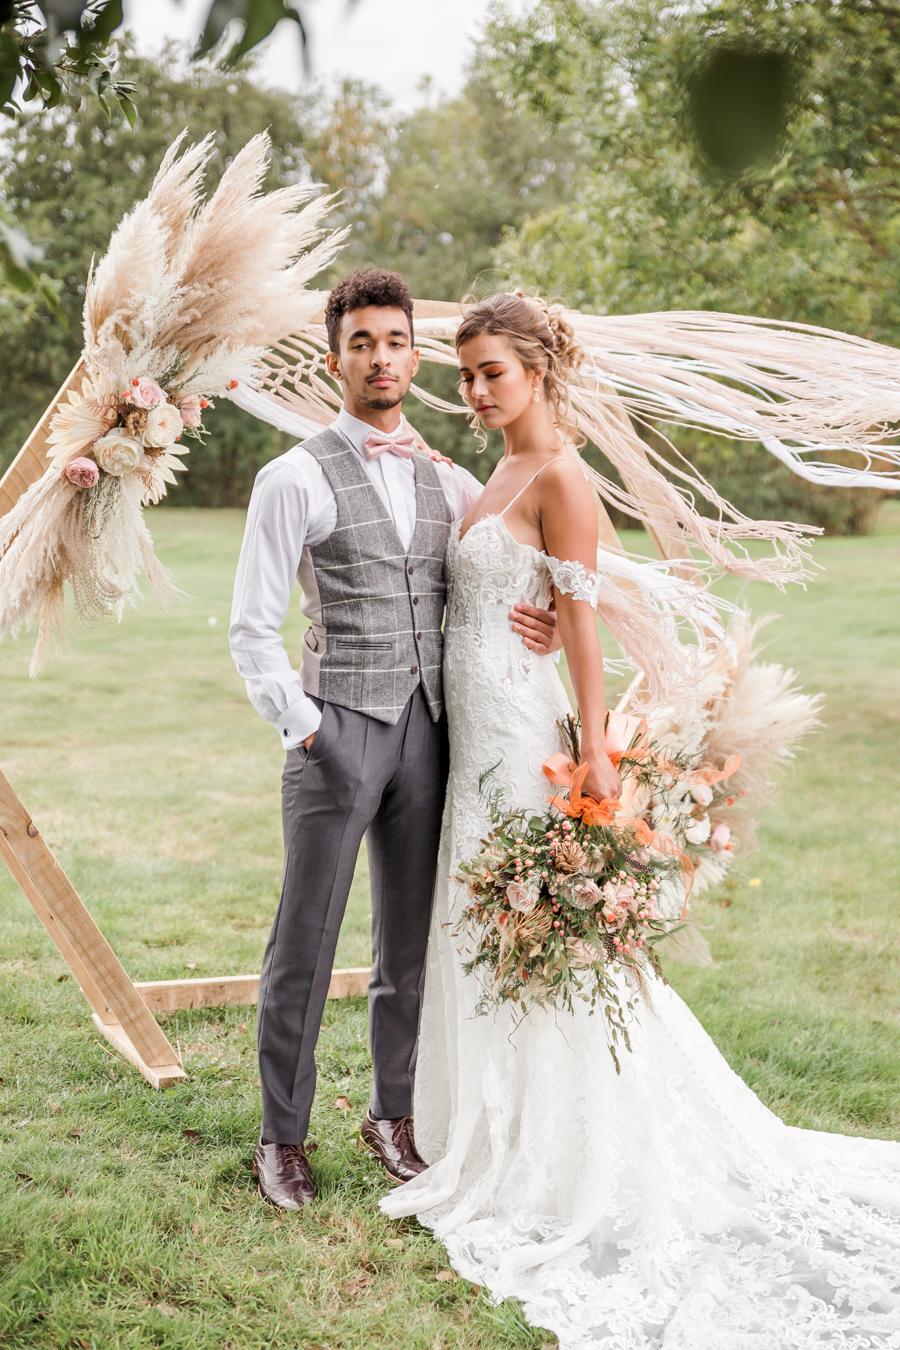 Hertfordshire Boho Themed Styled Wedding Shoot, photographer credit Absolute Photo UK (25)